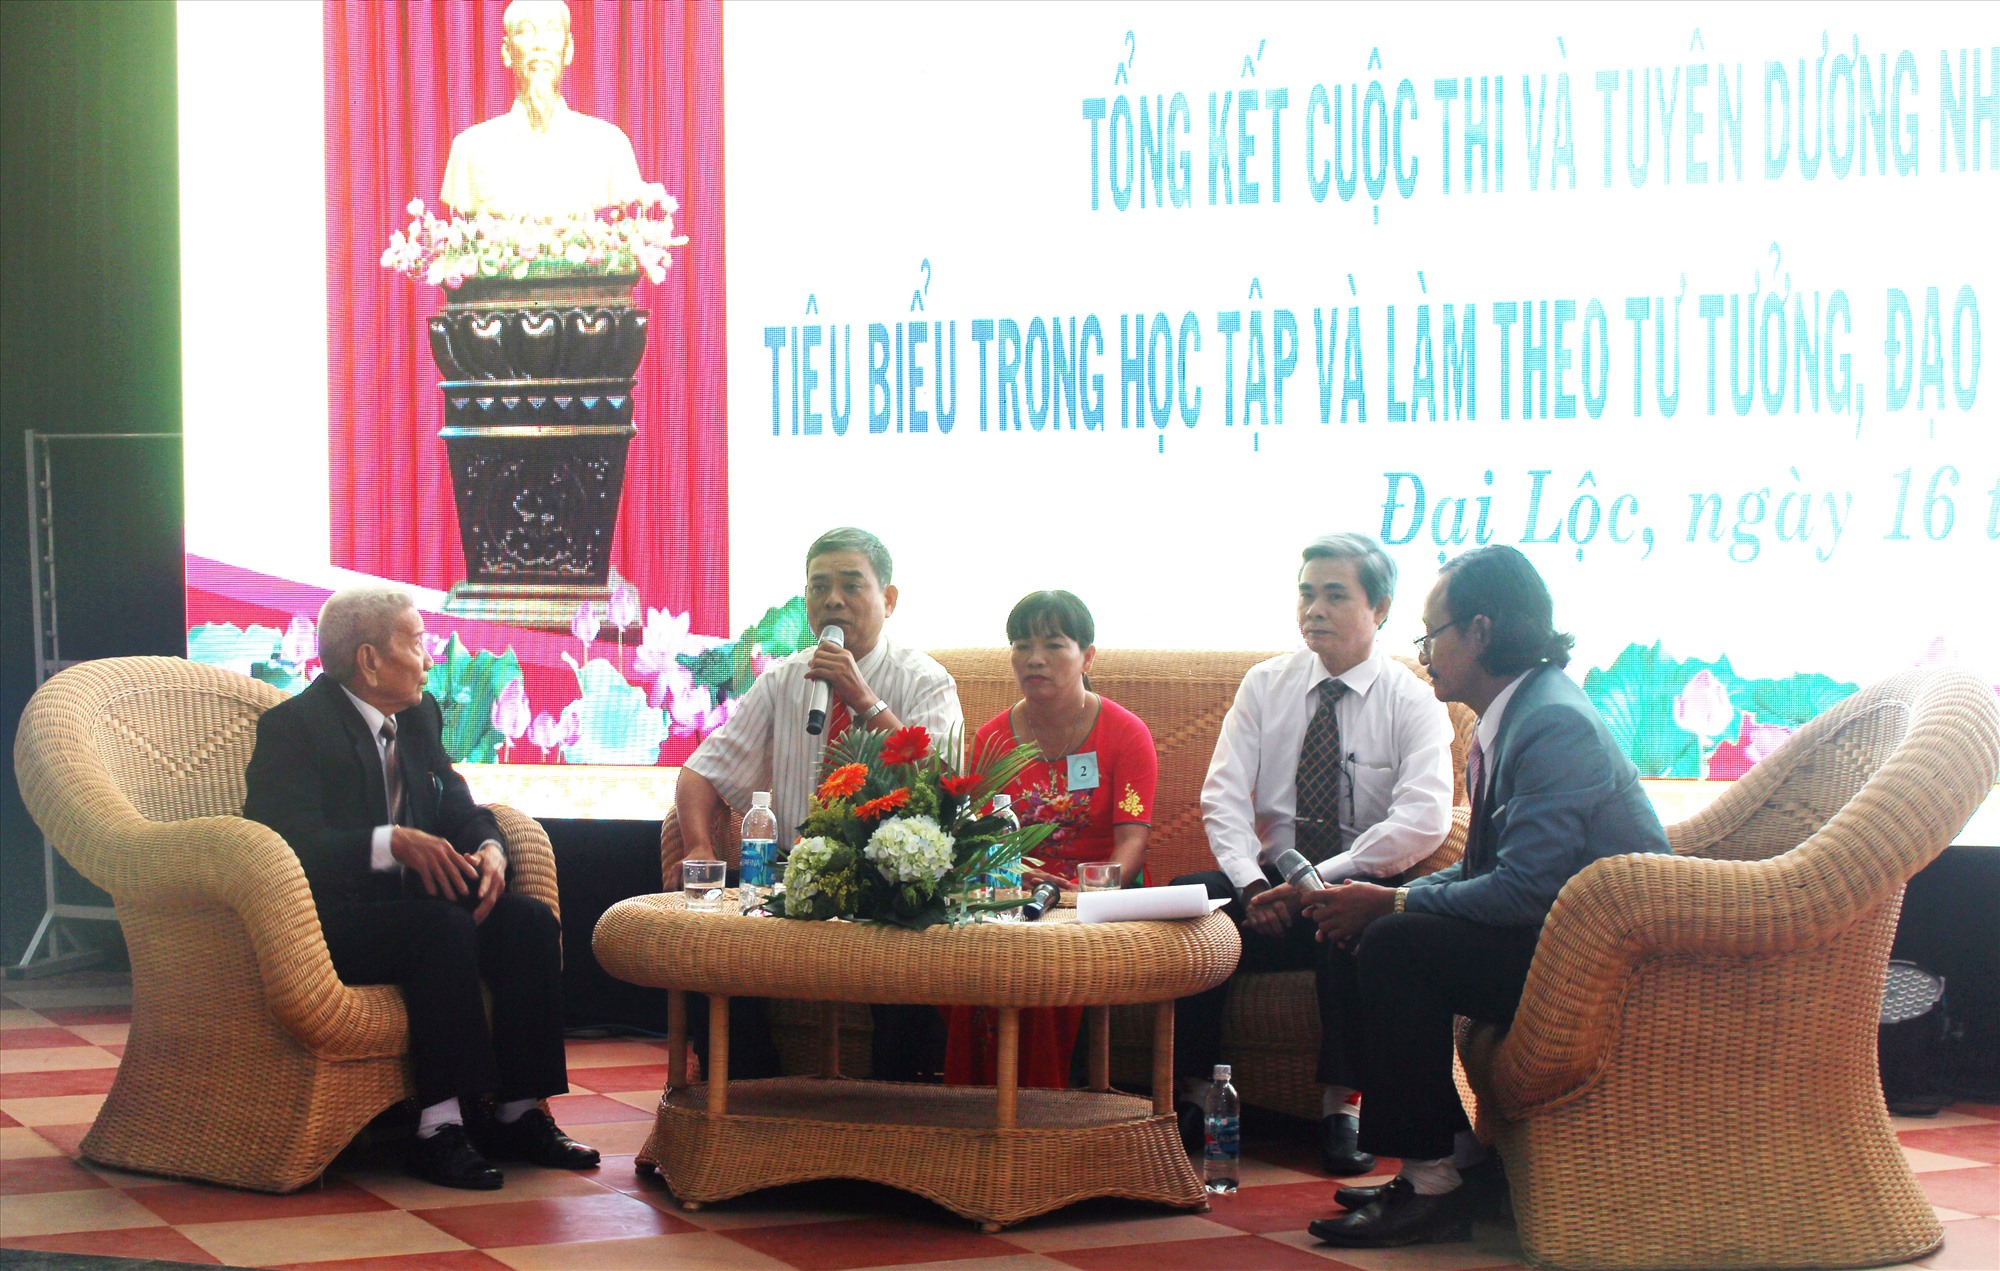 Huyện Đại Lộc tổ chức giao lưu điển hình tiên tiến học tập và làm theo gương Bác Hồ. Ảnh: HOÀNG LIÊN